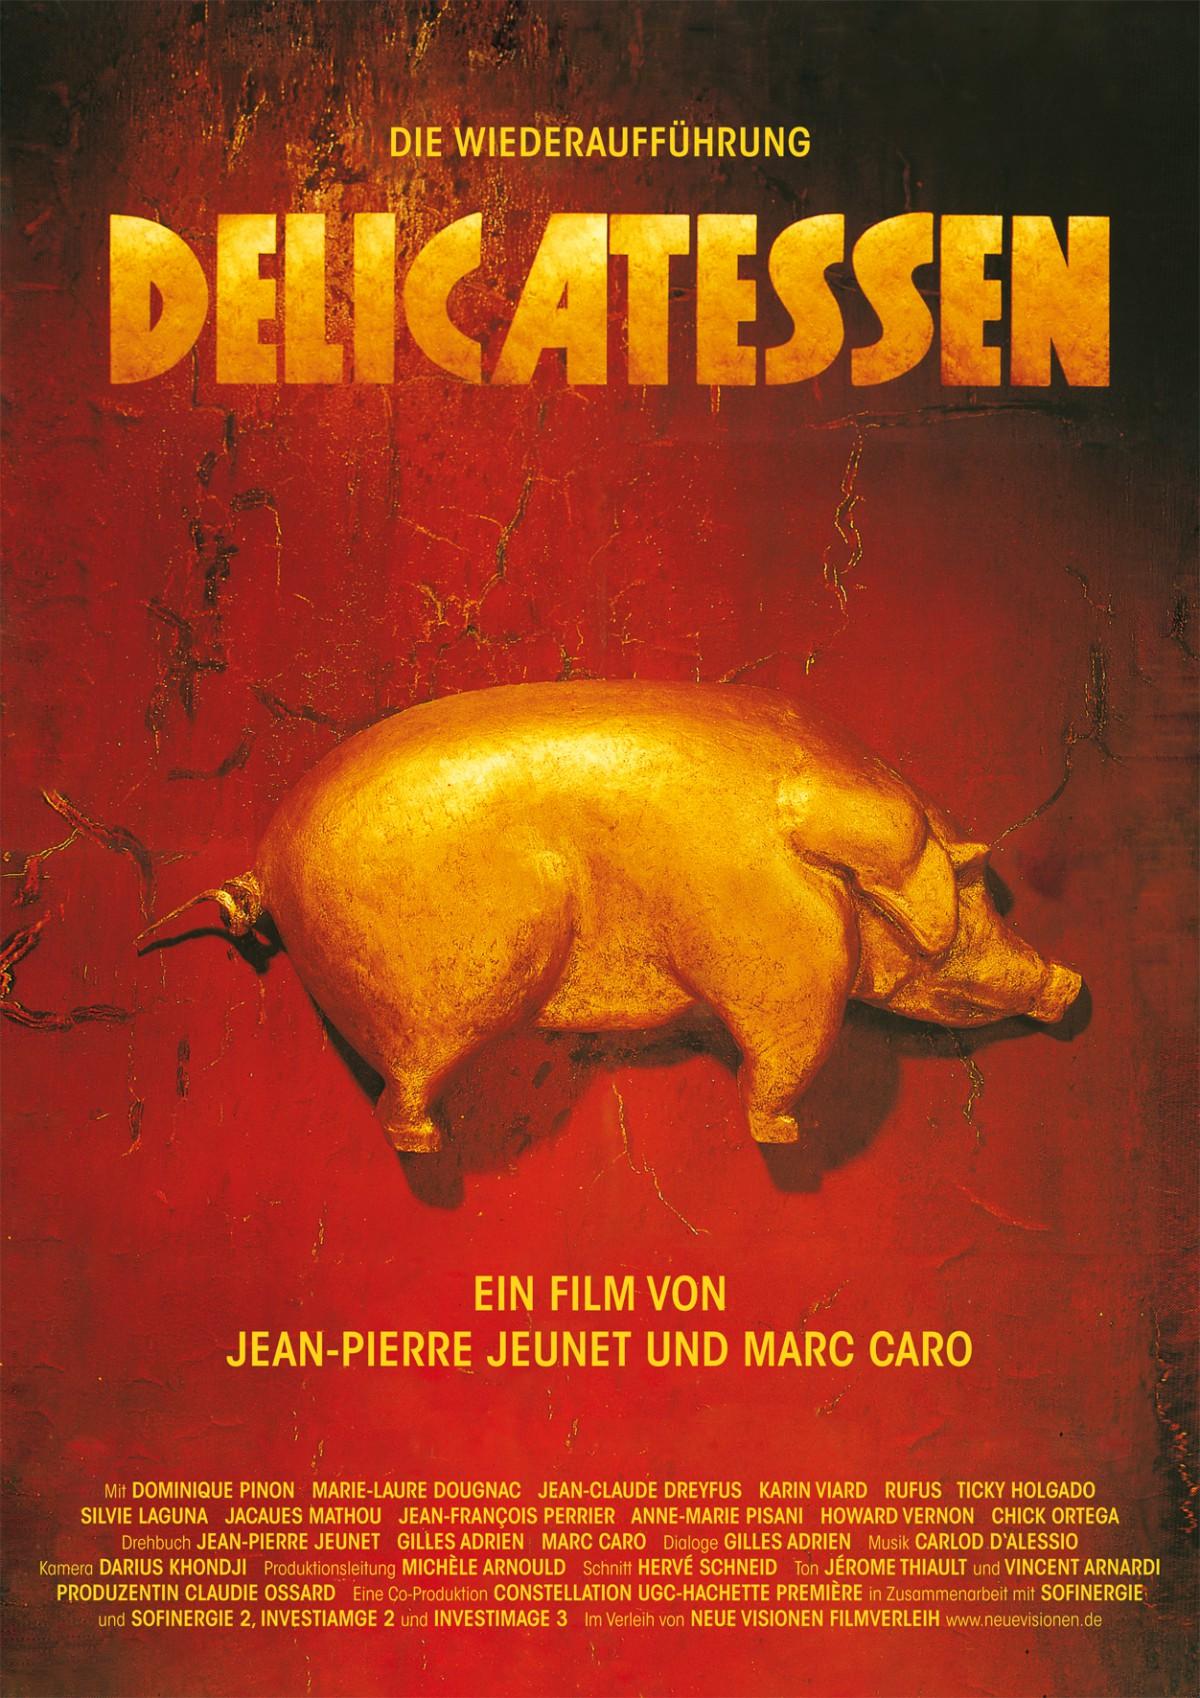 71. Delicatessen (1991)